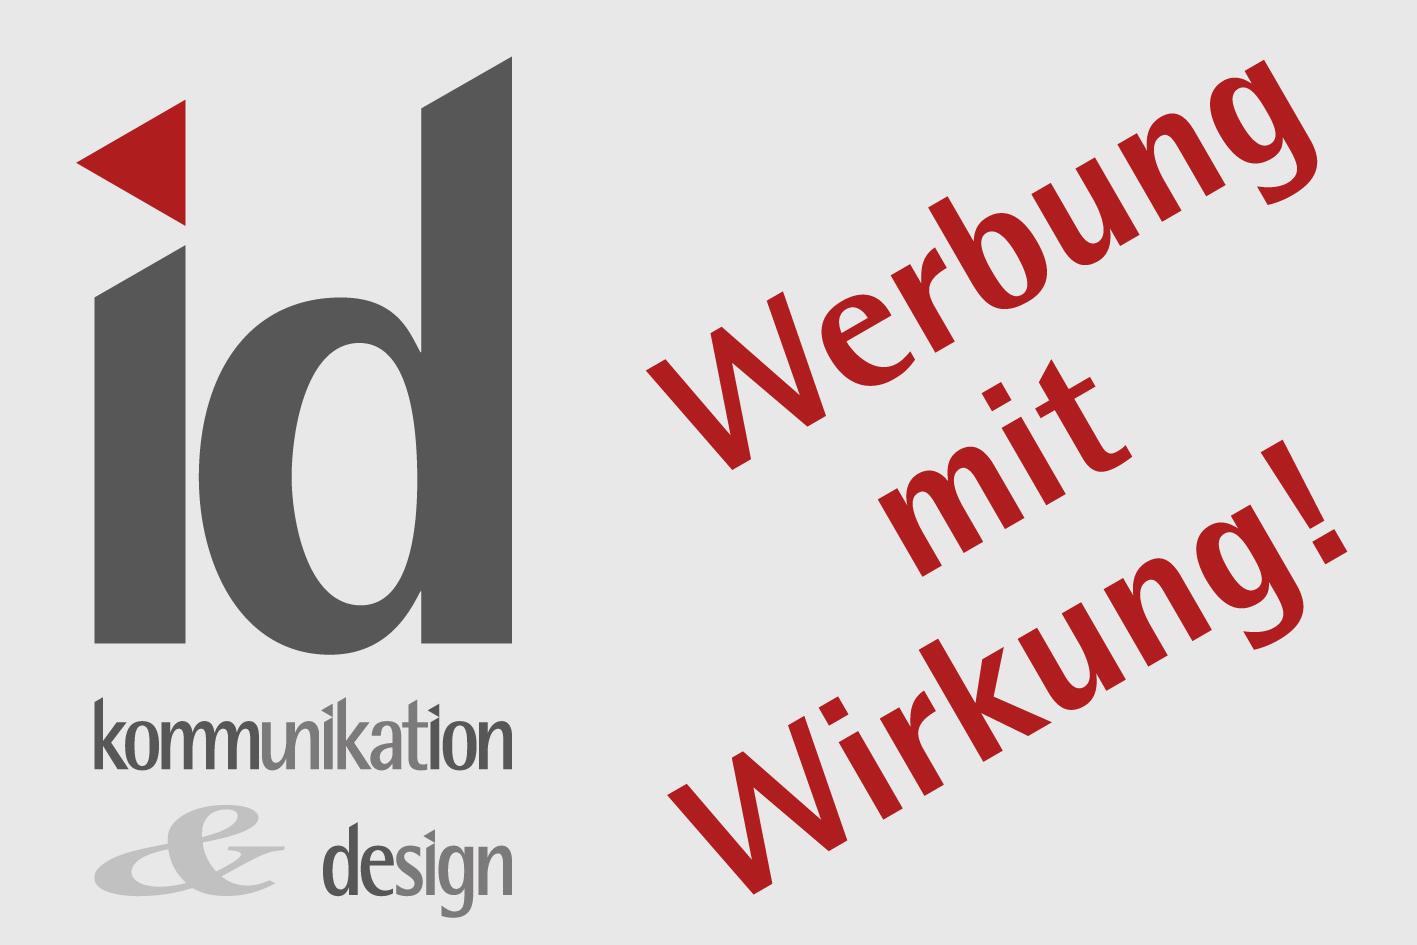 Logo mit Link zu id-wirkung.de